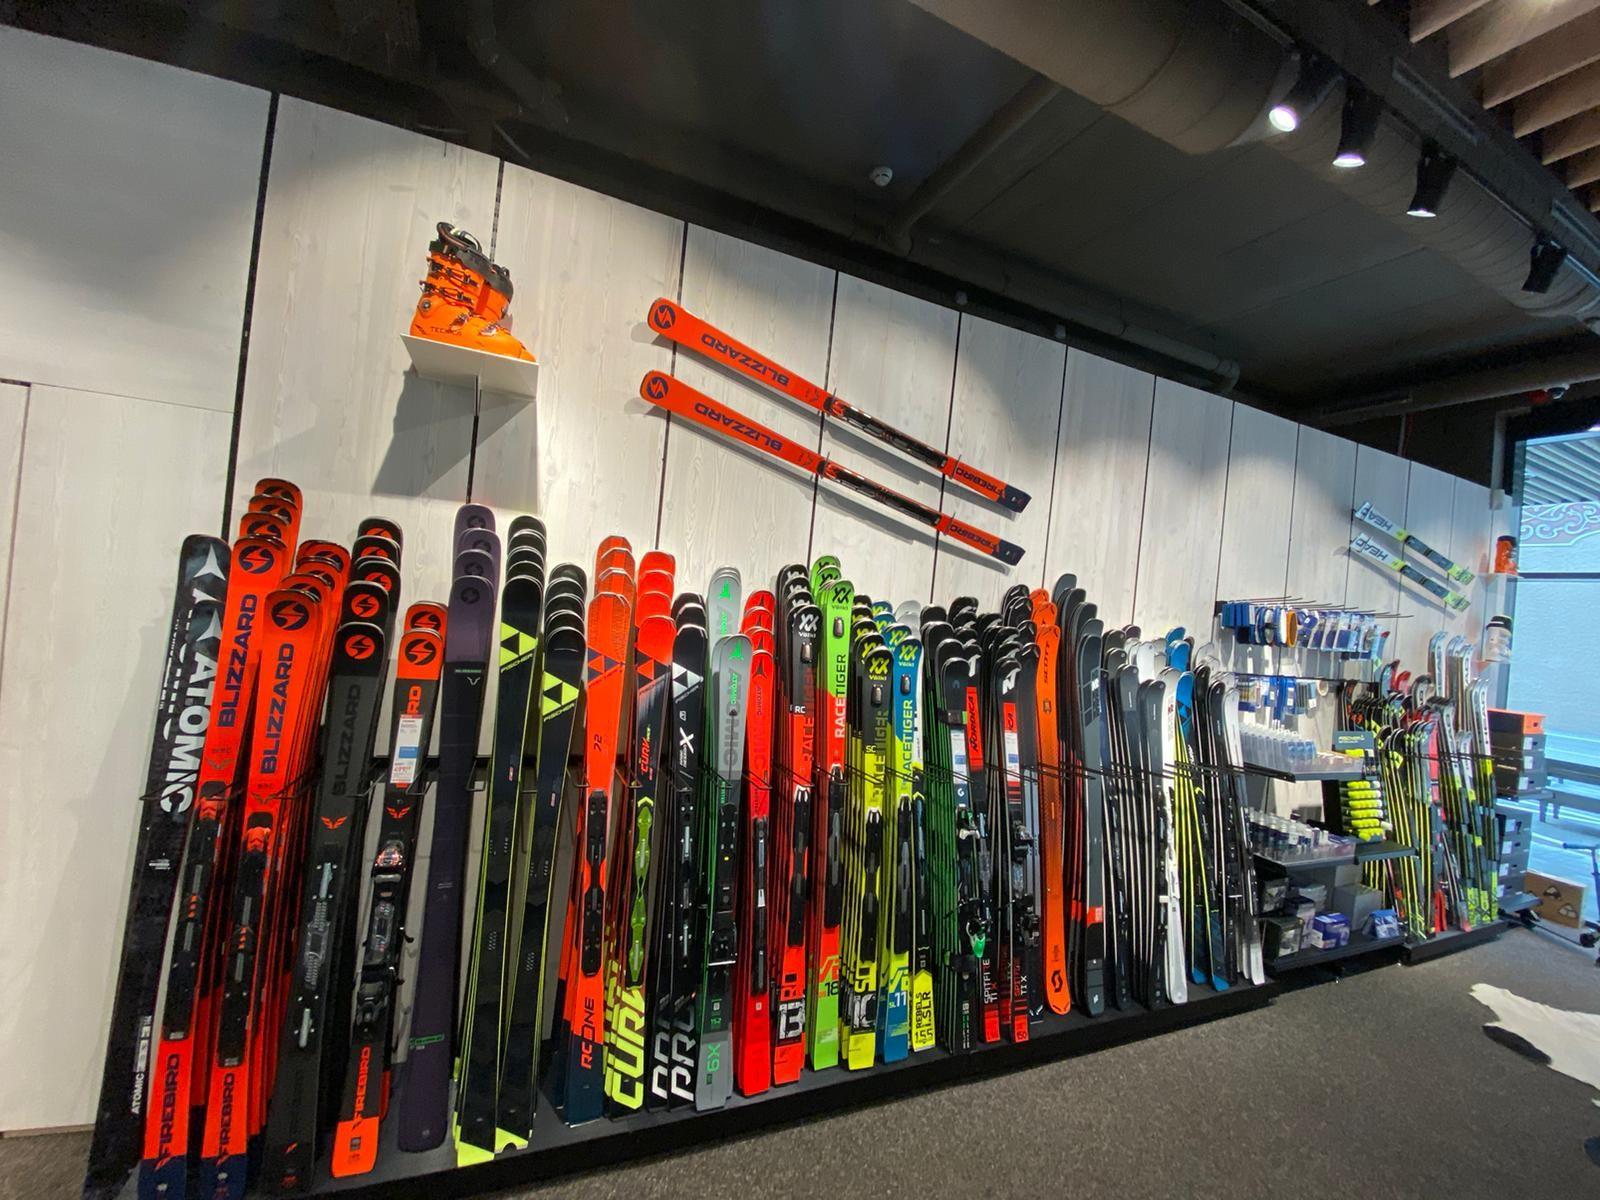 große Auswahl an Ski Ausrüstung